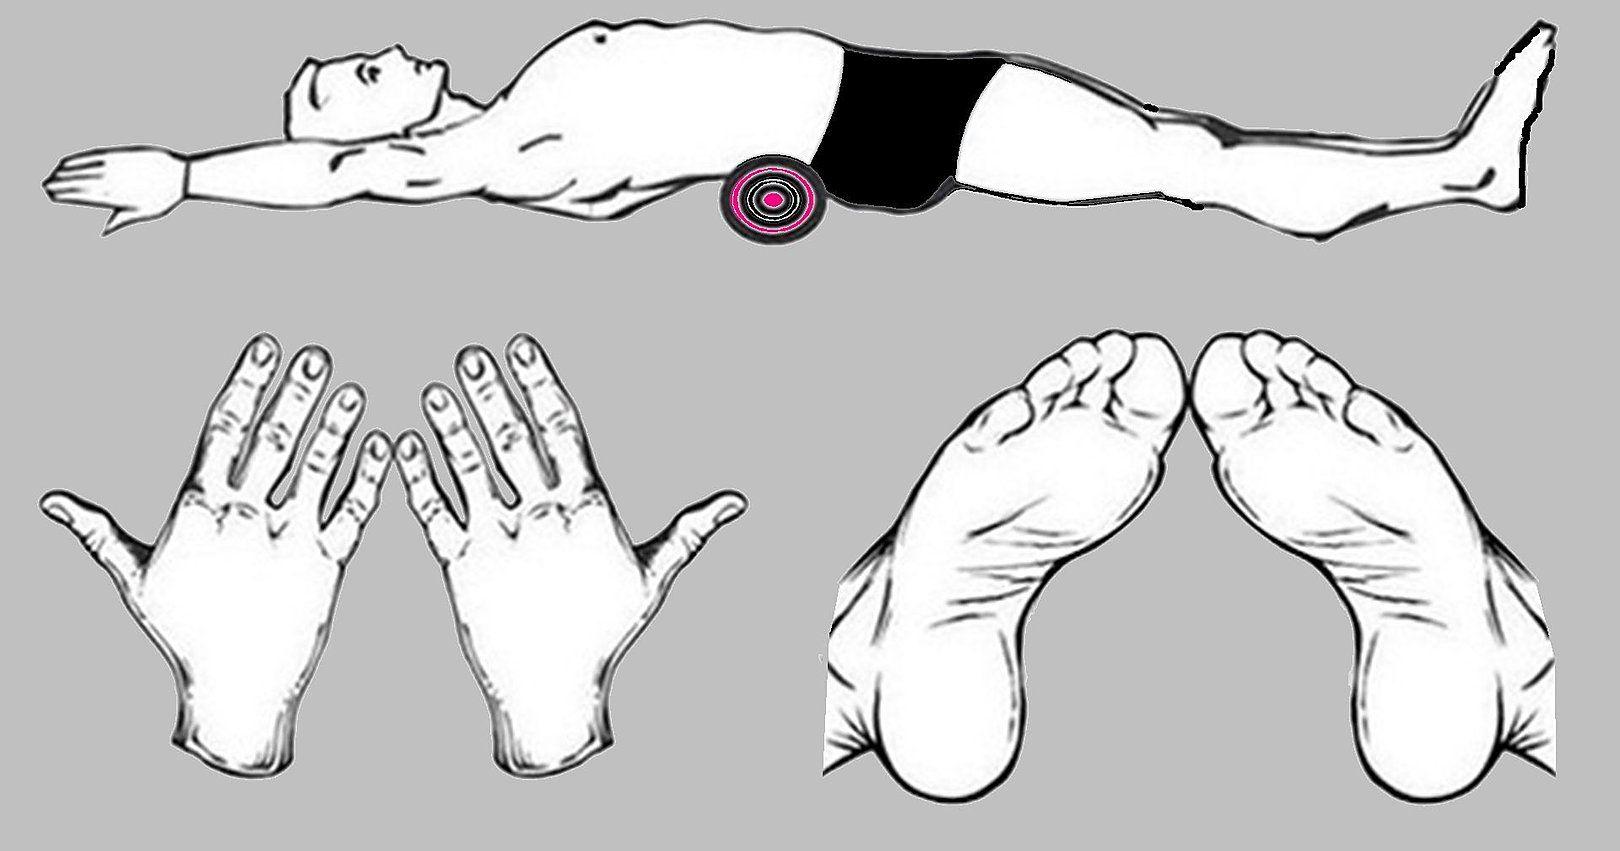 Упражнение Для Похудения Японского Доктора. Японский метод Фукуцудзи - принципы похудения и отзывы врачей